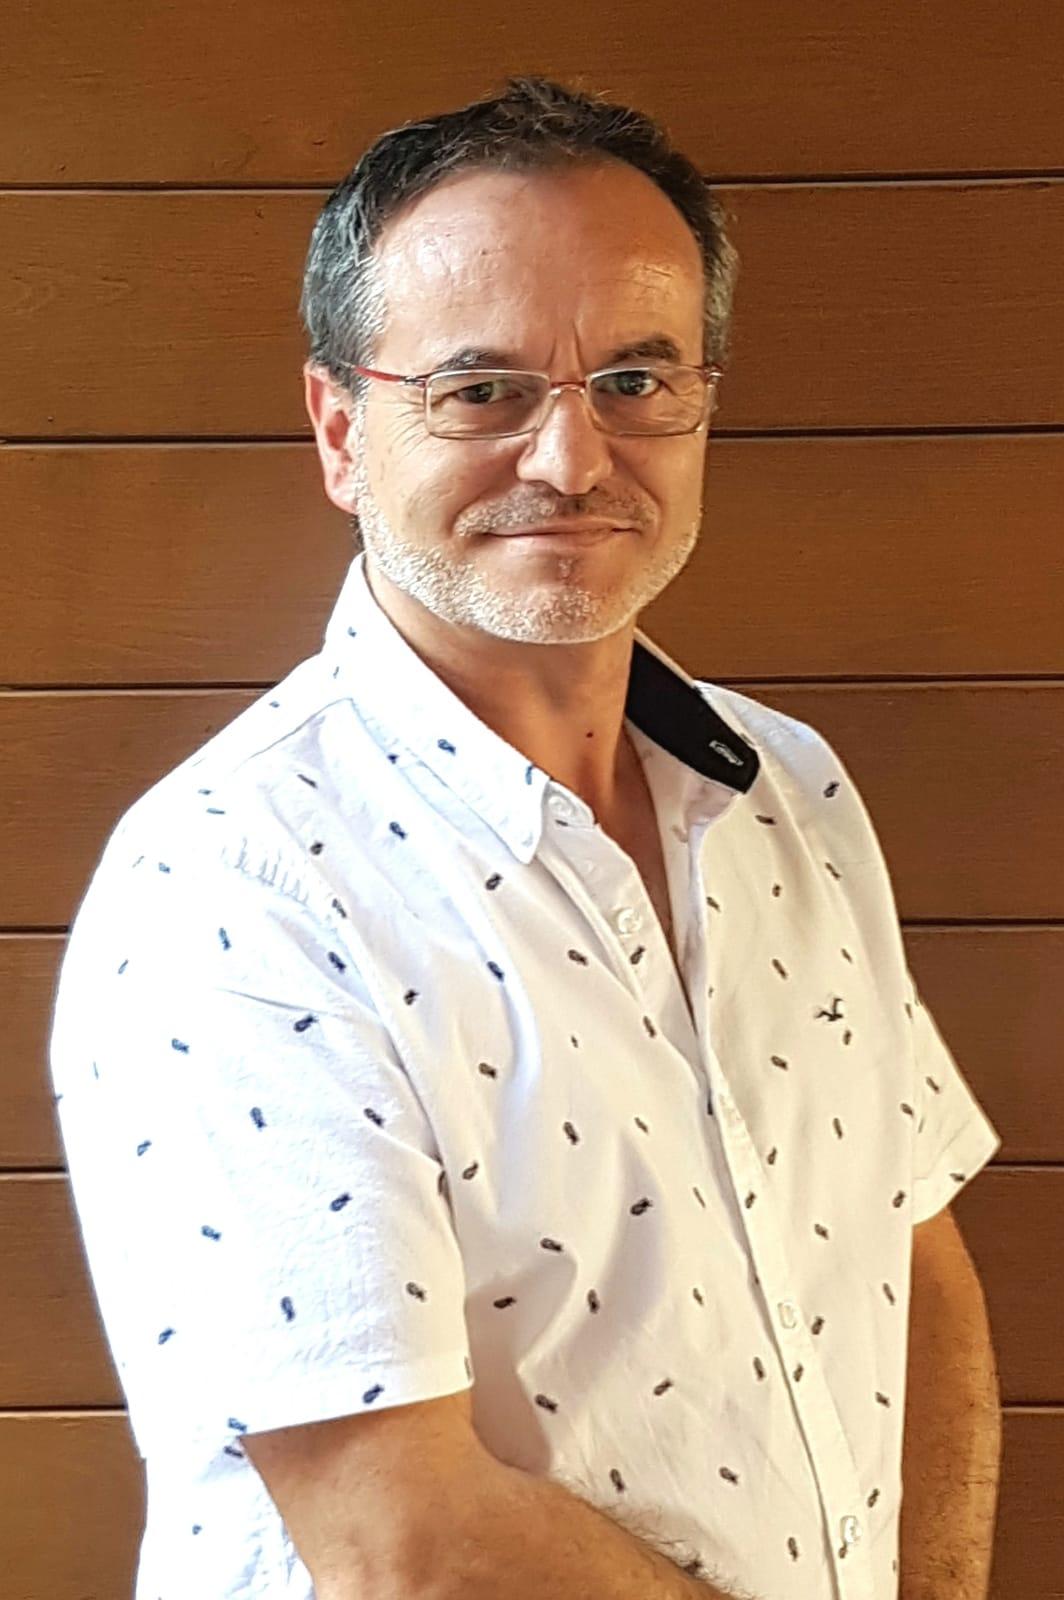 Fernando Mallenco